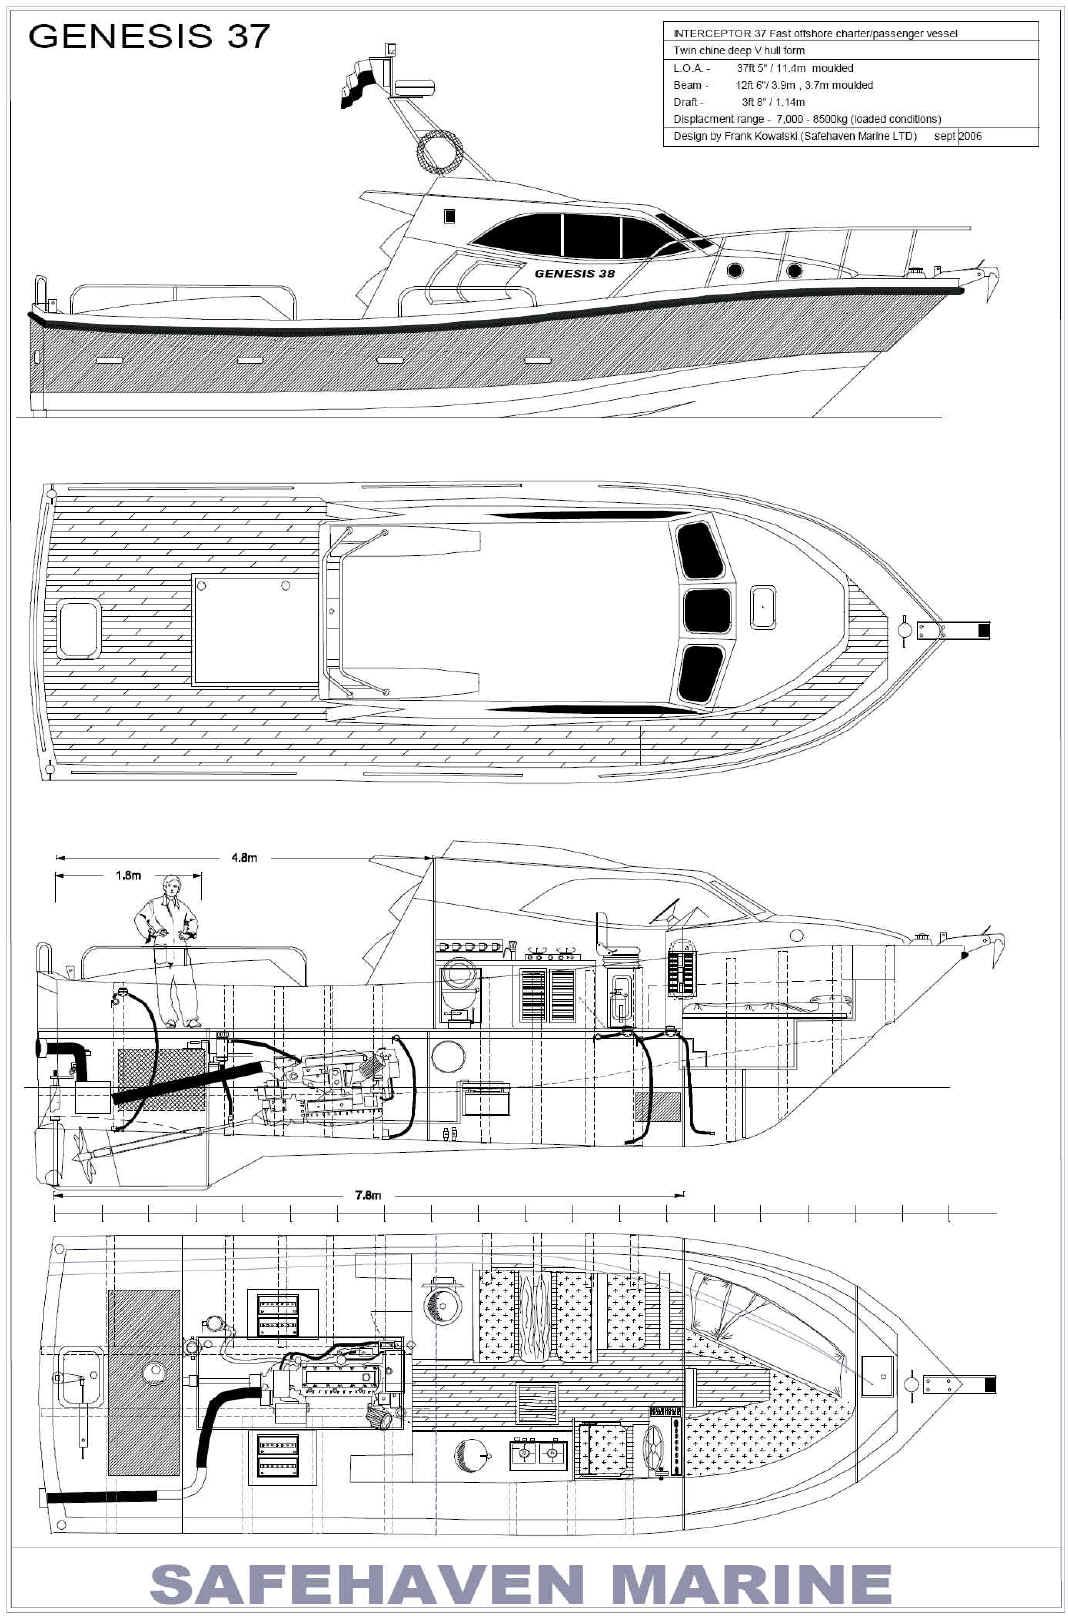 The New Model Interceptor 37